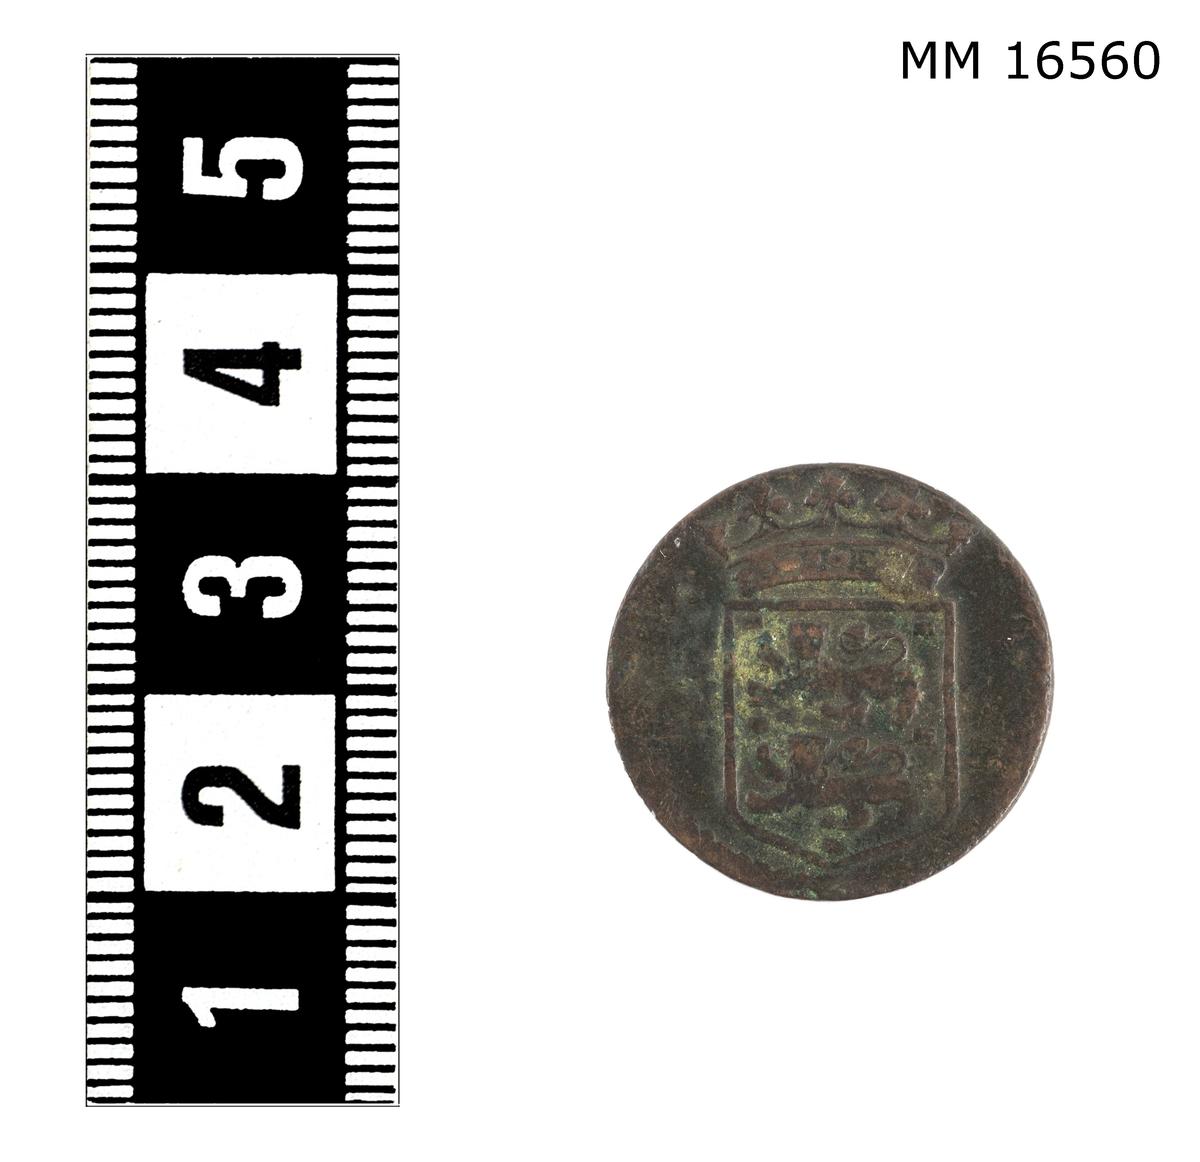 """Mynt, 1 dmt, ostindiska komp. Ena sidan: upphöjd relief: """"Voc 1748"""". Andra sidan: upphöjd relief: krönt vapensköld med två lejon. Innanför myntets kant har funnits någon form av upphöjd ornamentering."""